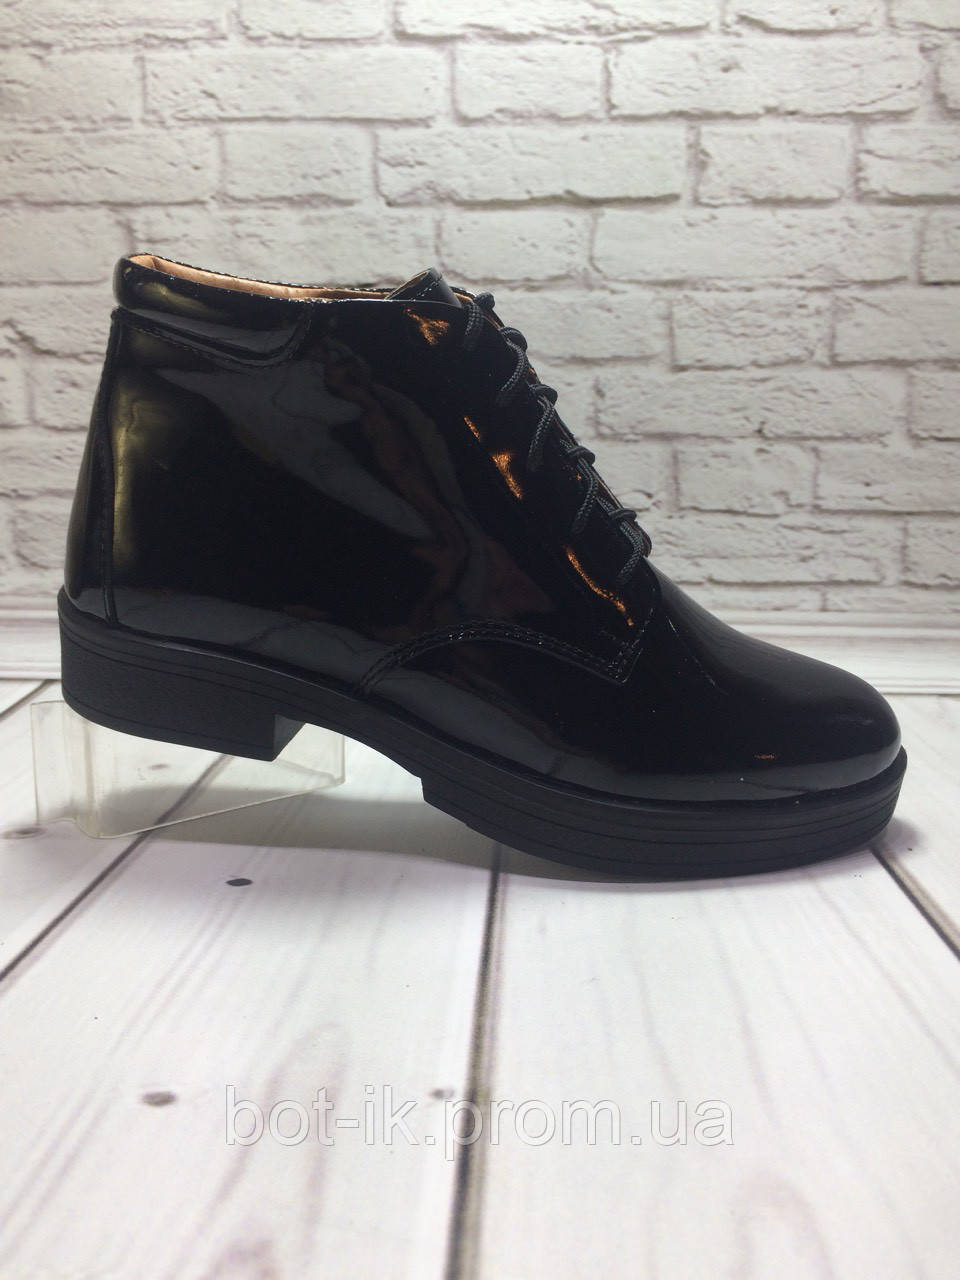 406b1c1a53d5 Ботинки женские на низком ходу из натуральной черной лаковой кожи на  шнуровке.